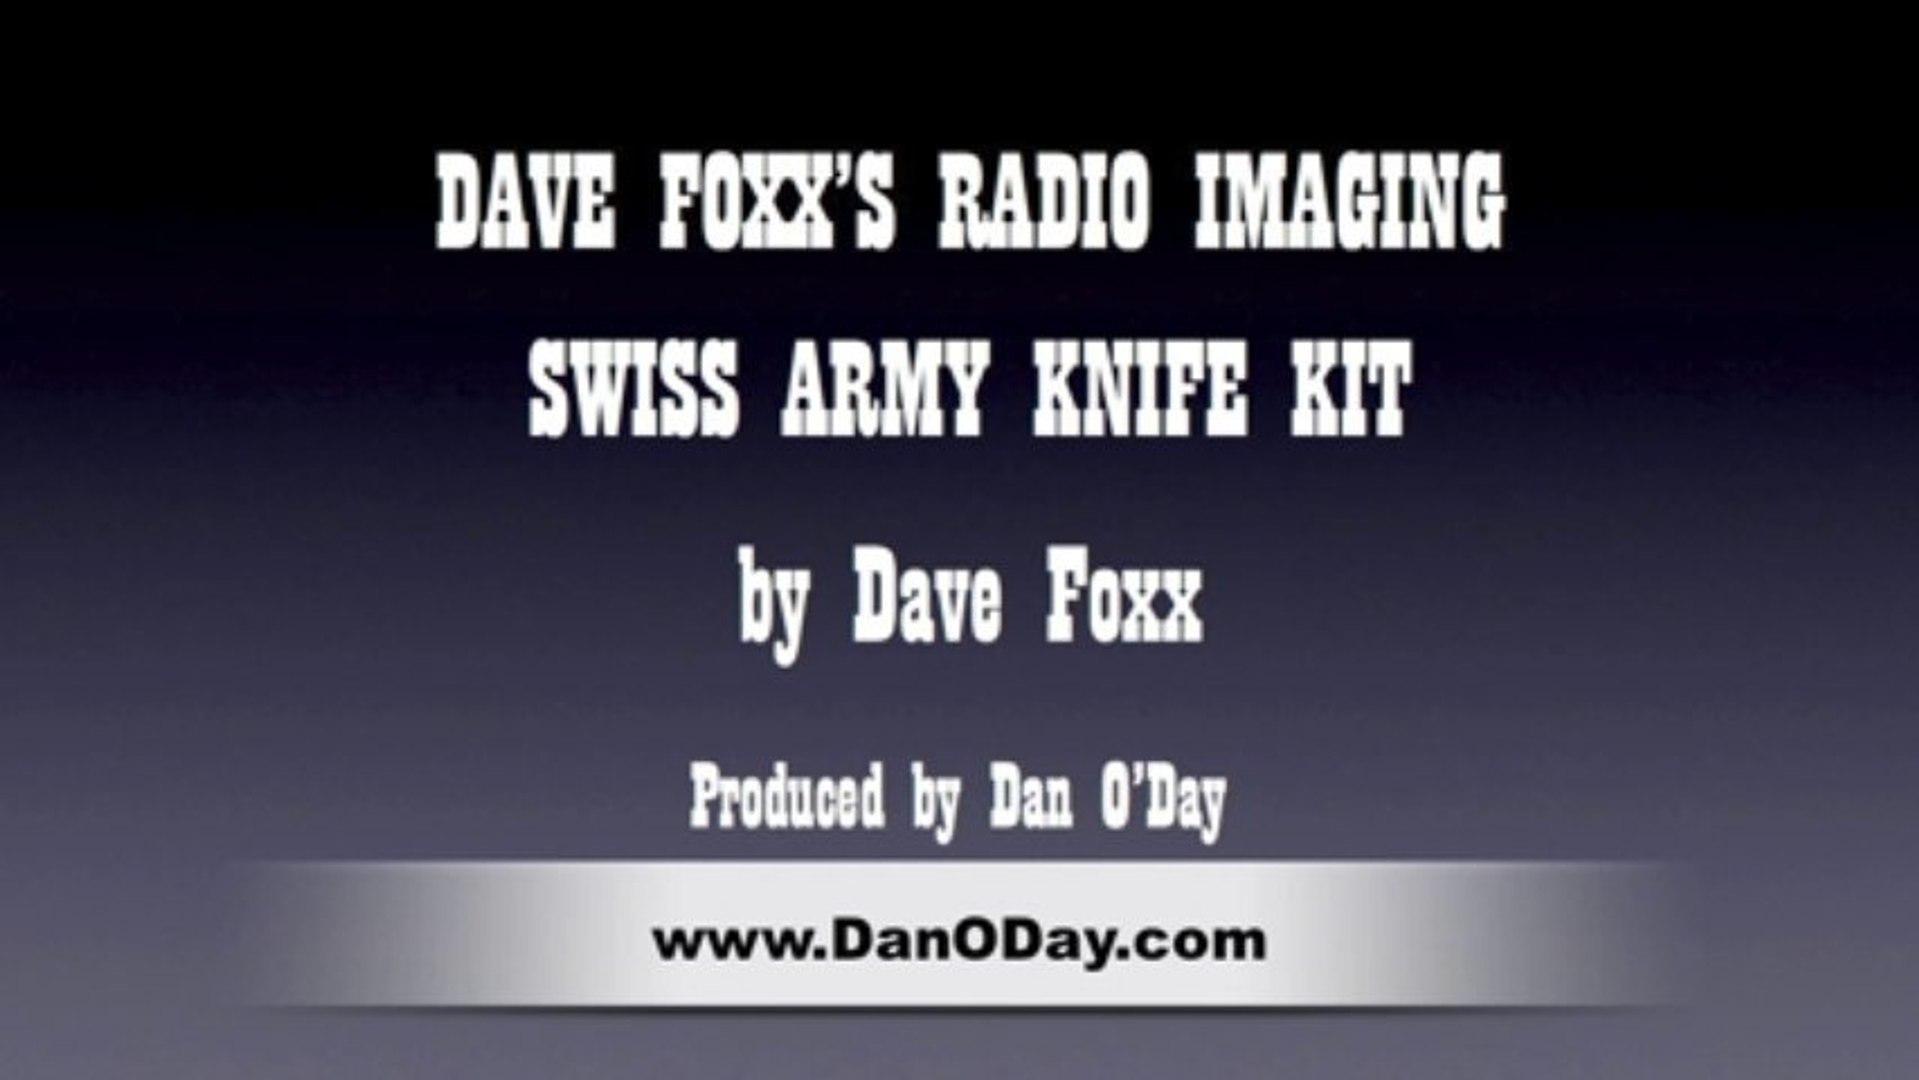 DAVE FOXX Z-100 RADIO IMAGING FUNNY VALENTINE'S DAY PROMO